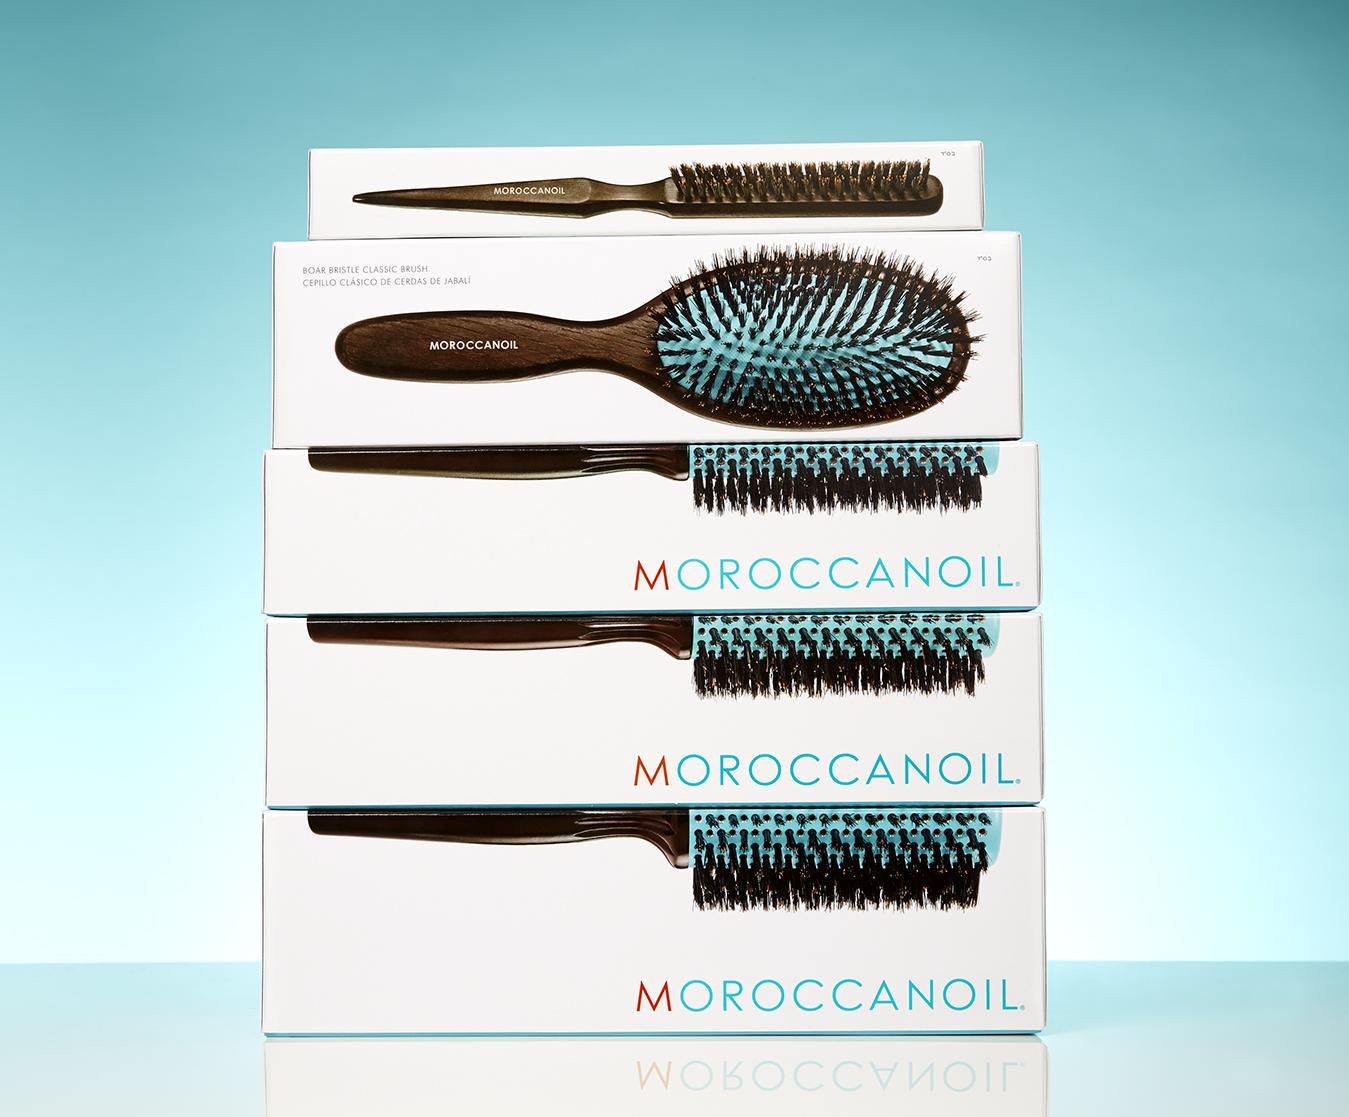 MoroccanOil 2